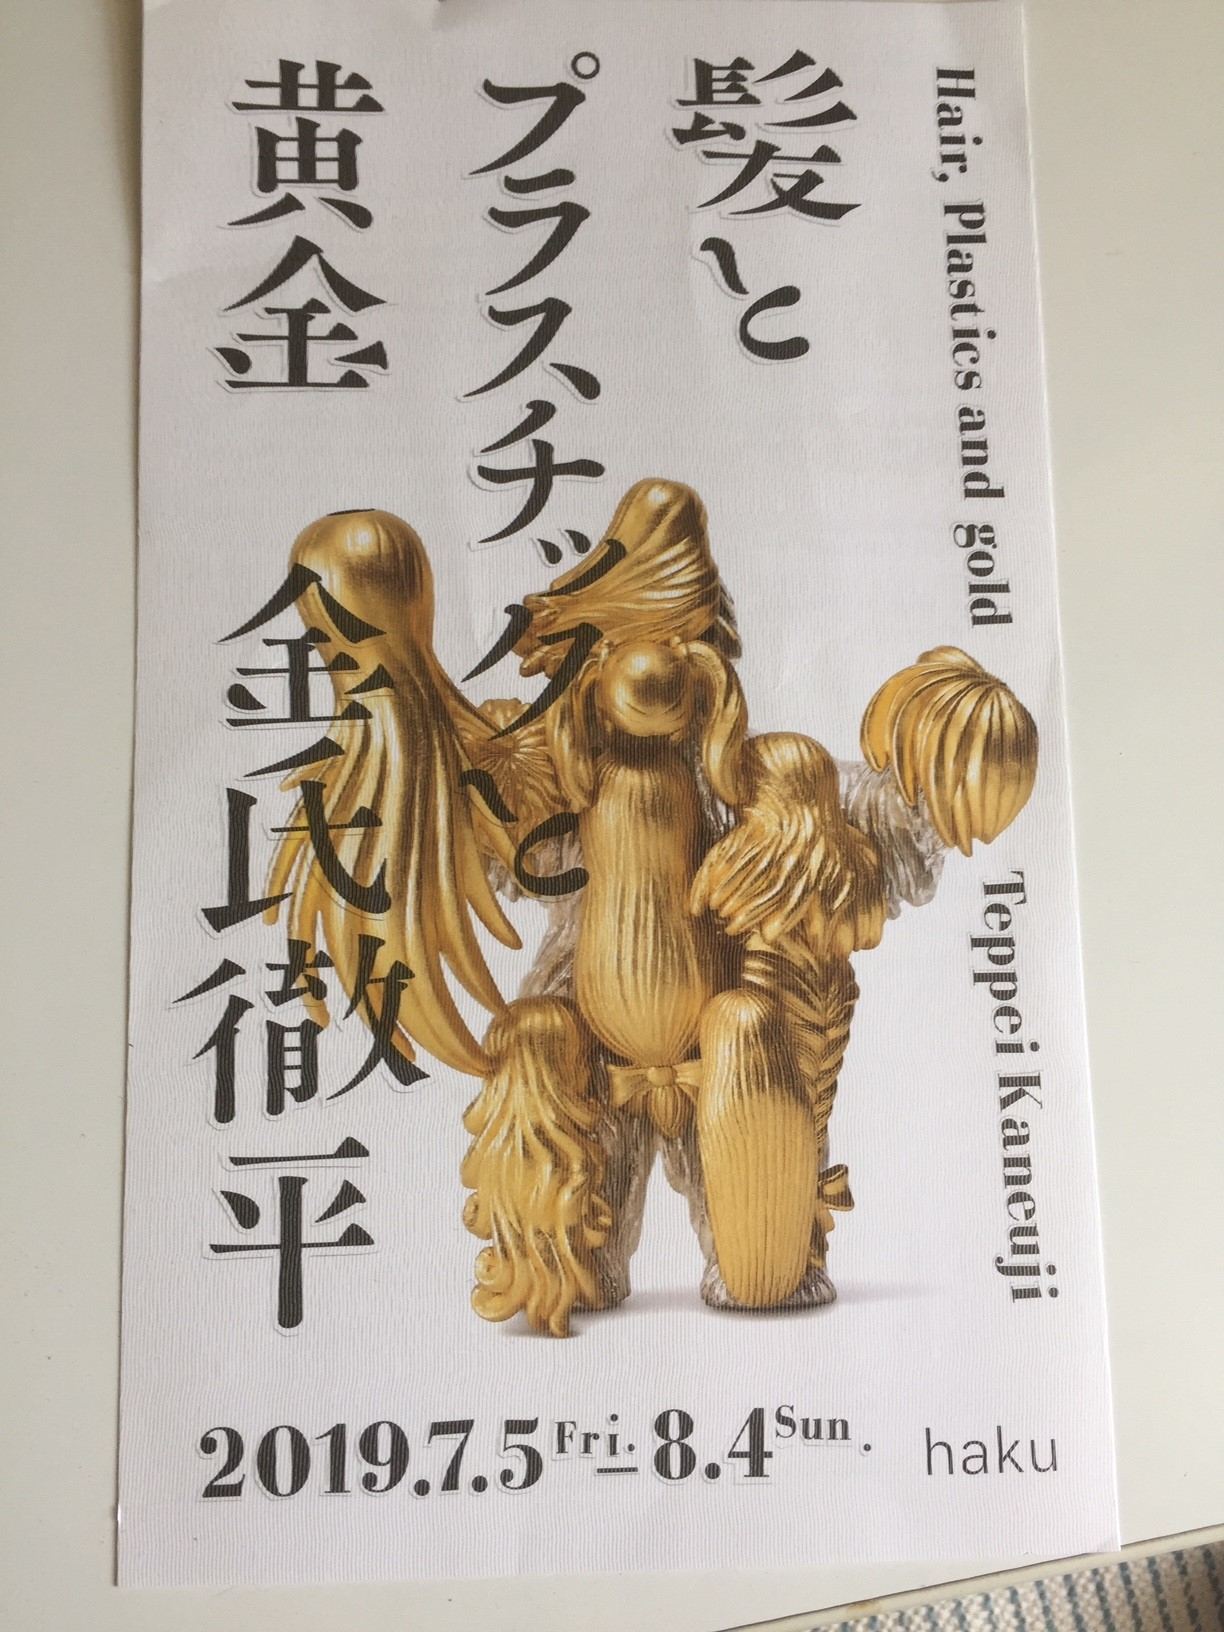 「髪とプラスチックと黄金」金氏徹平  @haku Kyoto_f0036209_10161573.jpg